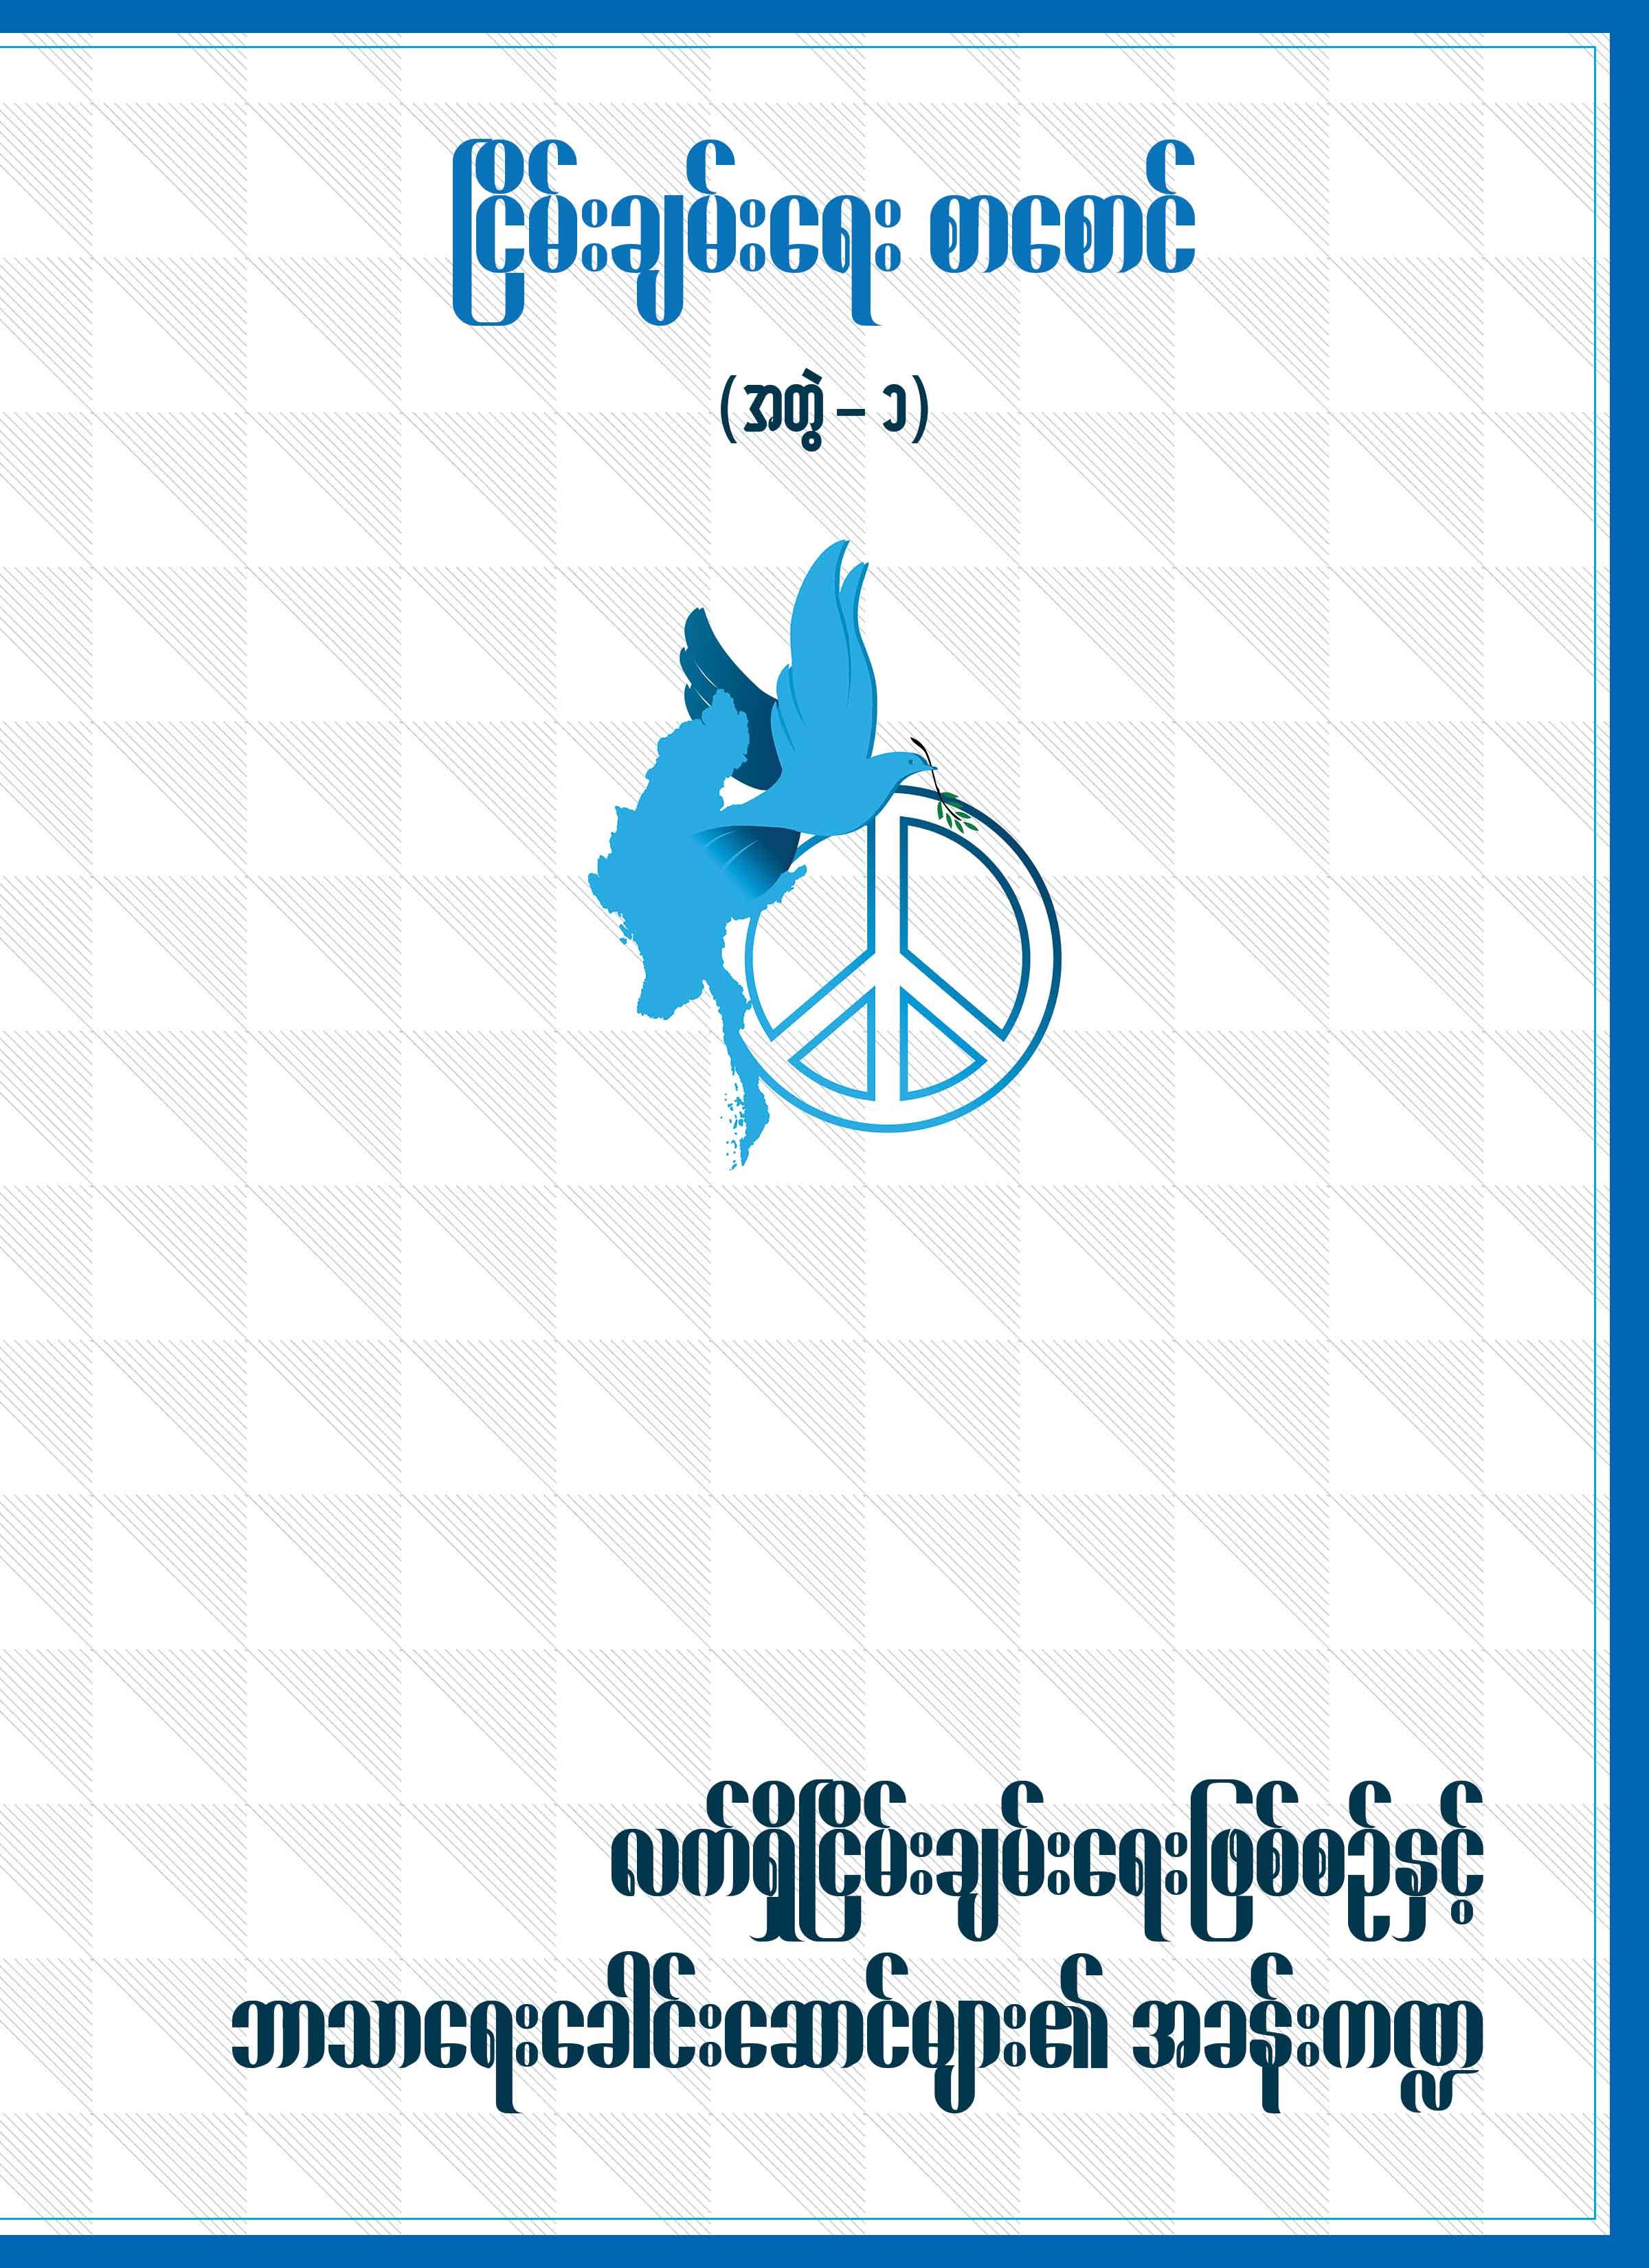 ငြိမ်းချမ်းရေးစာစောင် (အမှတ်- ၁) - လက်ရှိငြိမ်းချမ်းရေုးဖြစ်စဉ်နှင့် ဘာသာရေးခေါင်းဆောင်များ၏ အခန်းကဏ္ဍ